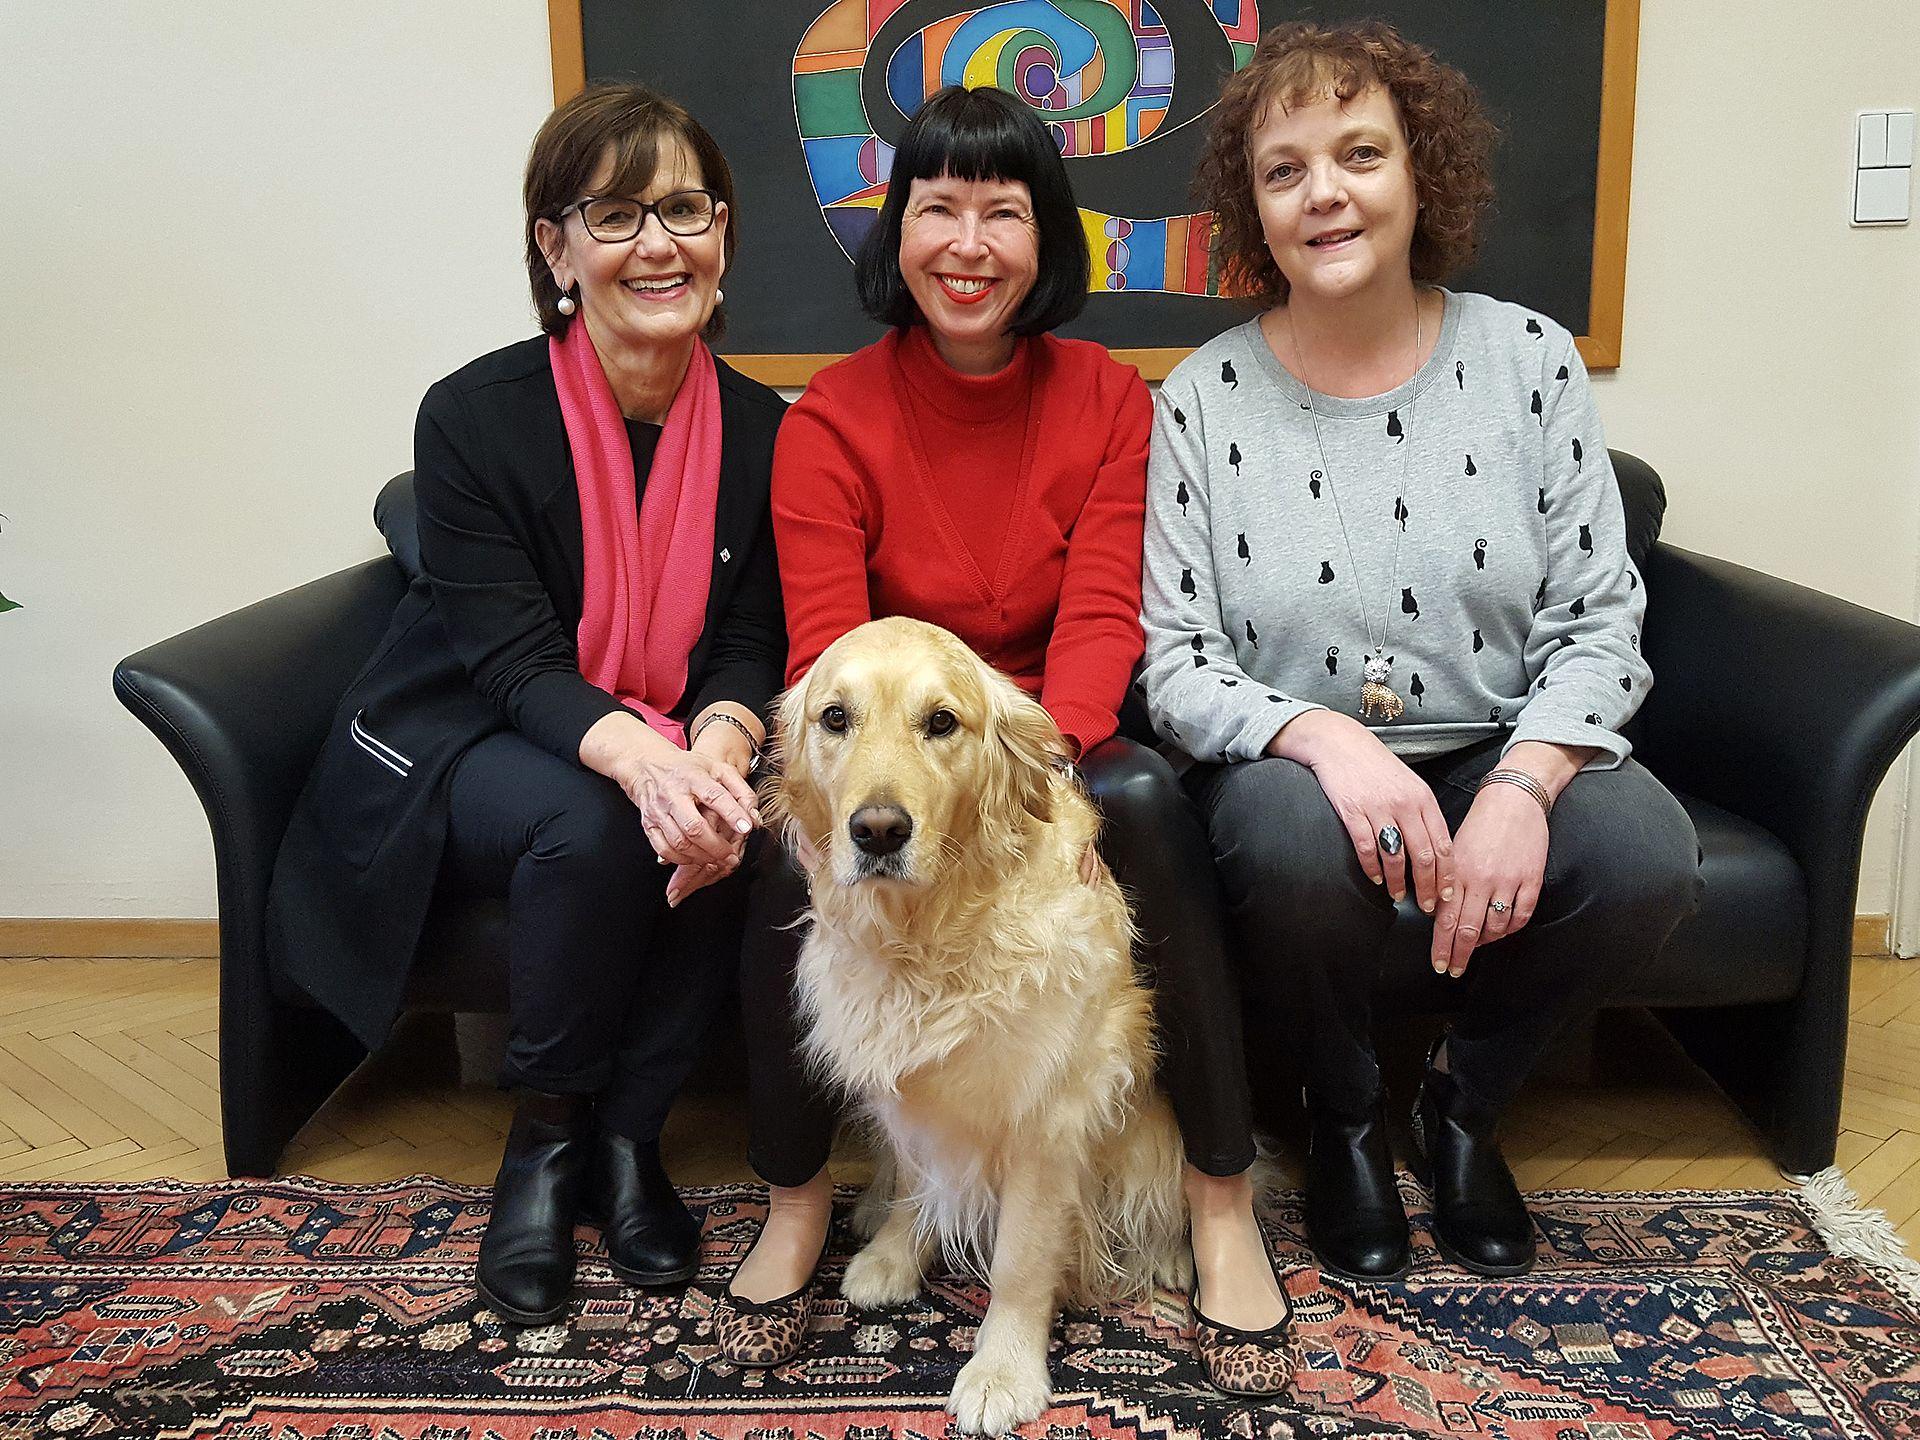 Verein der Freunde des Welser Tierheims - 3 Frauen mit Hund